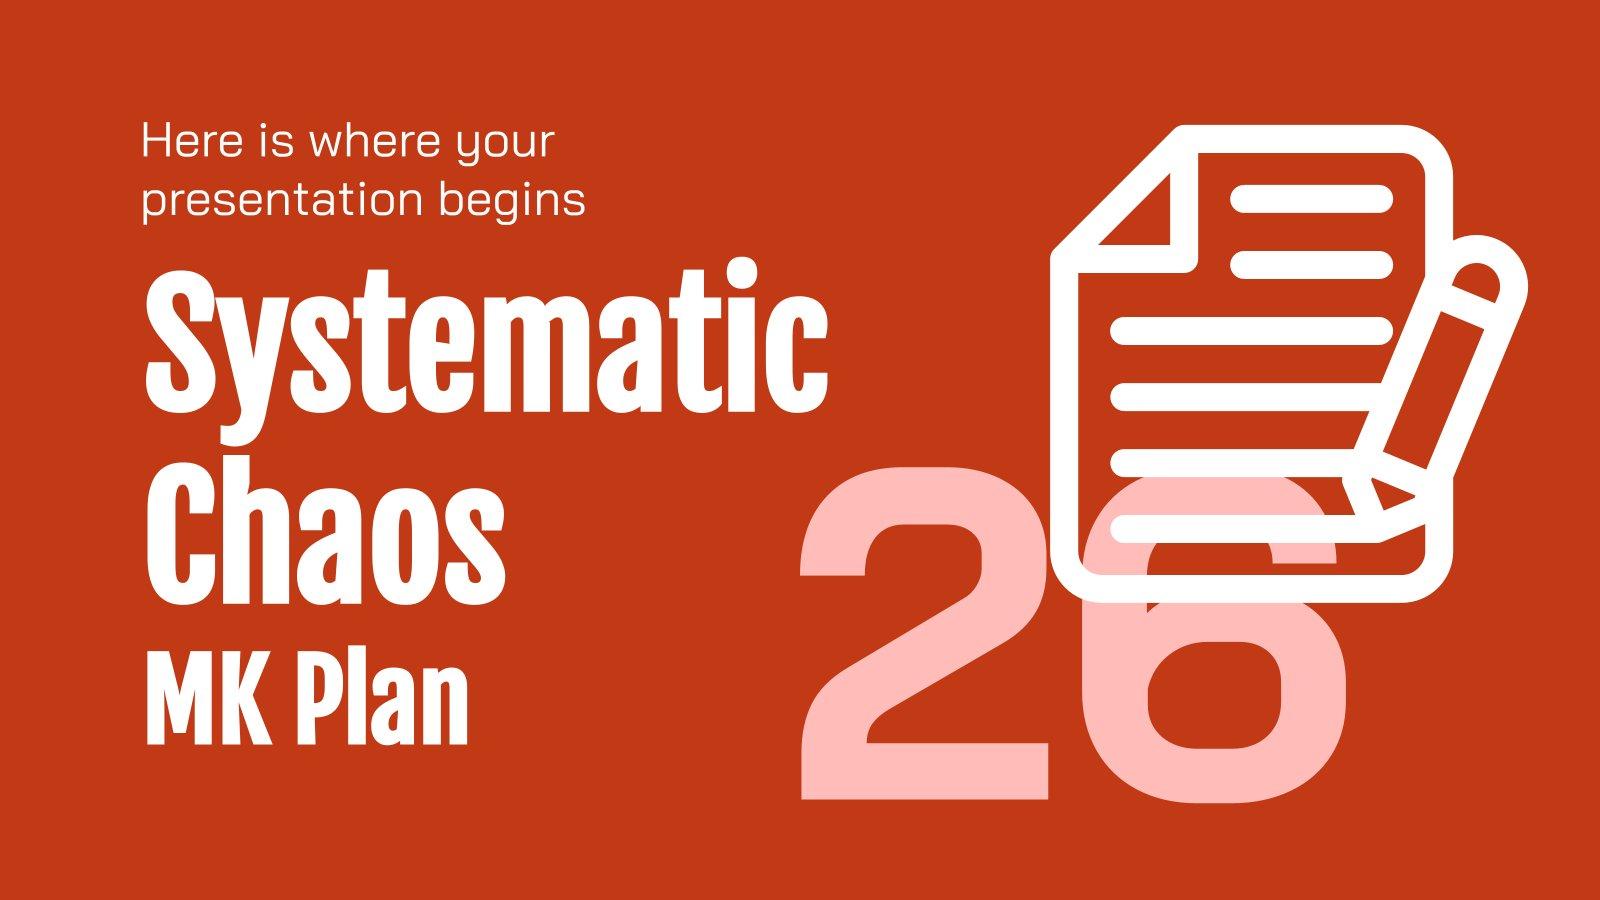 Plantilla de presentación Plan de marketing caos sistemático